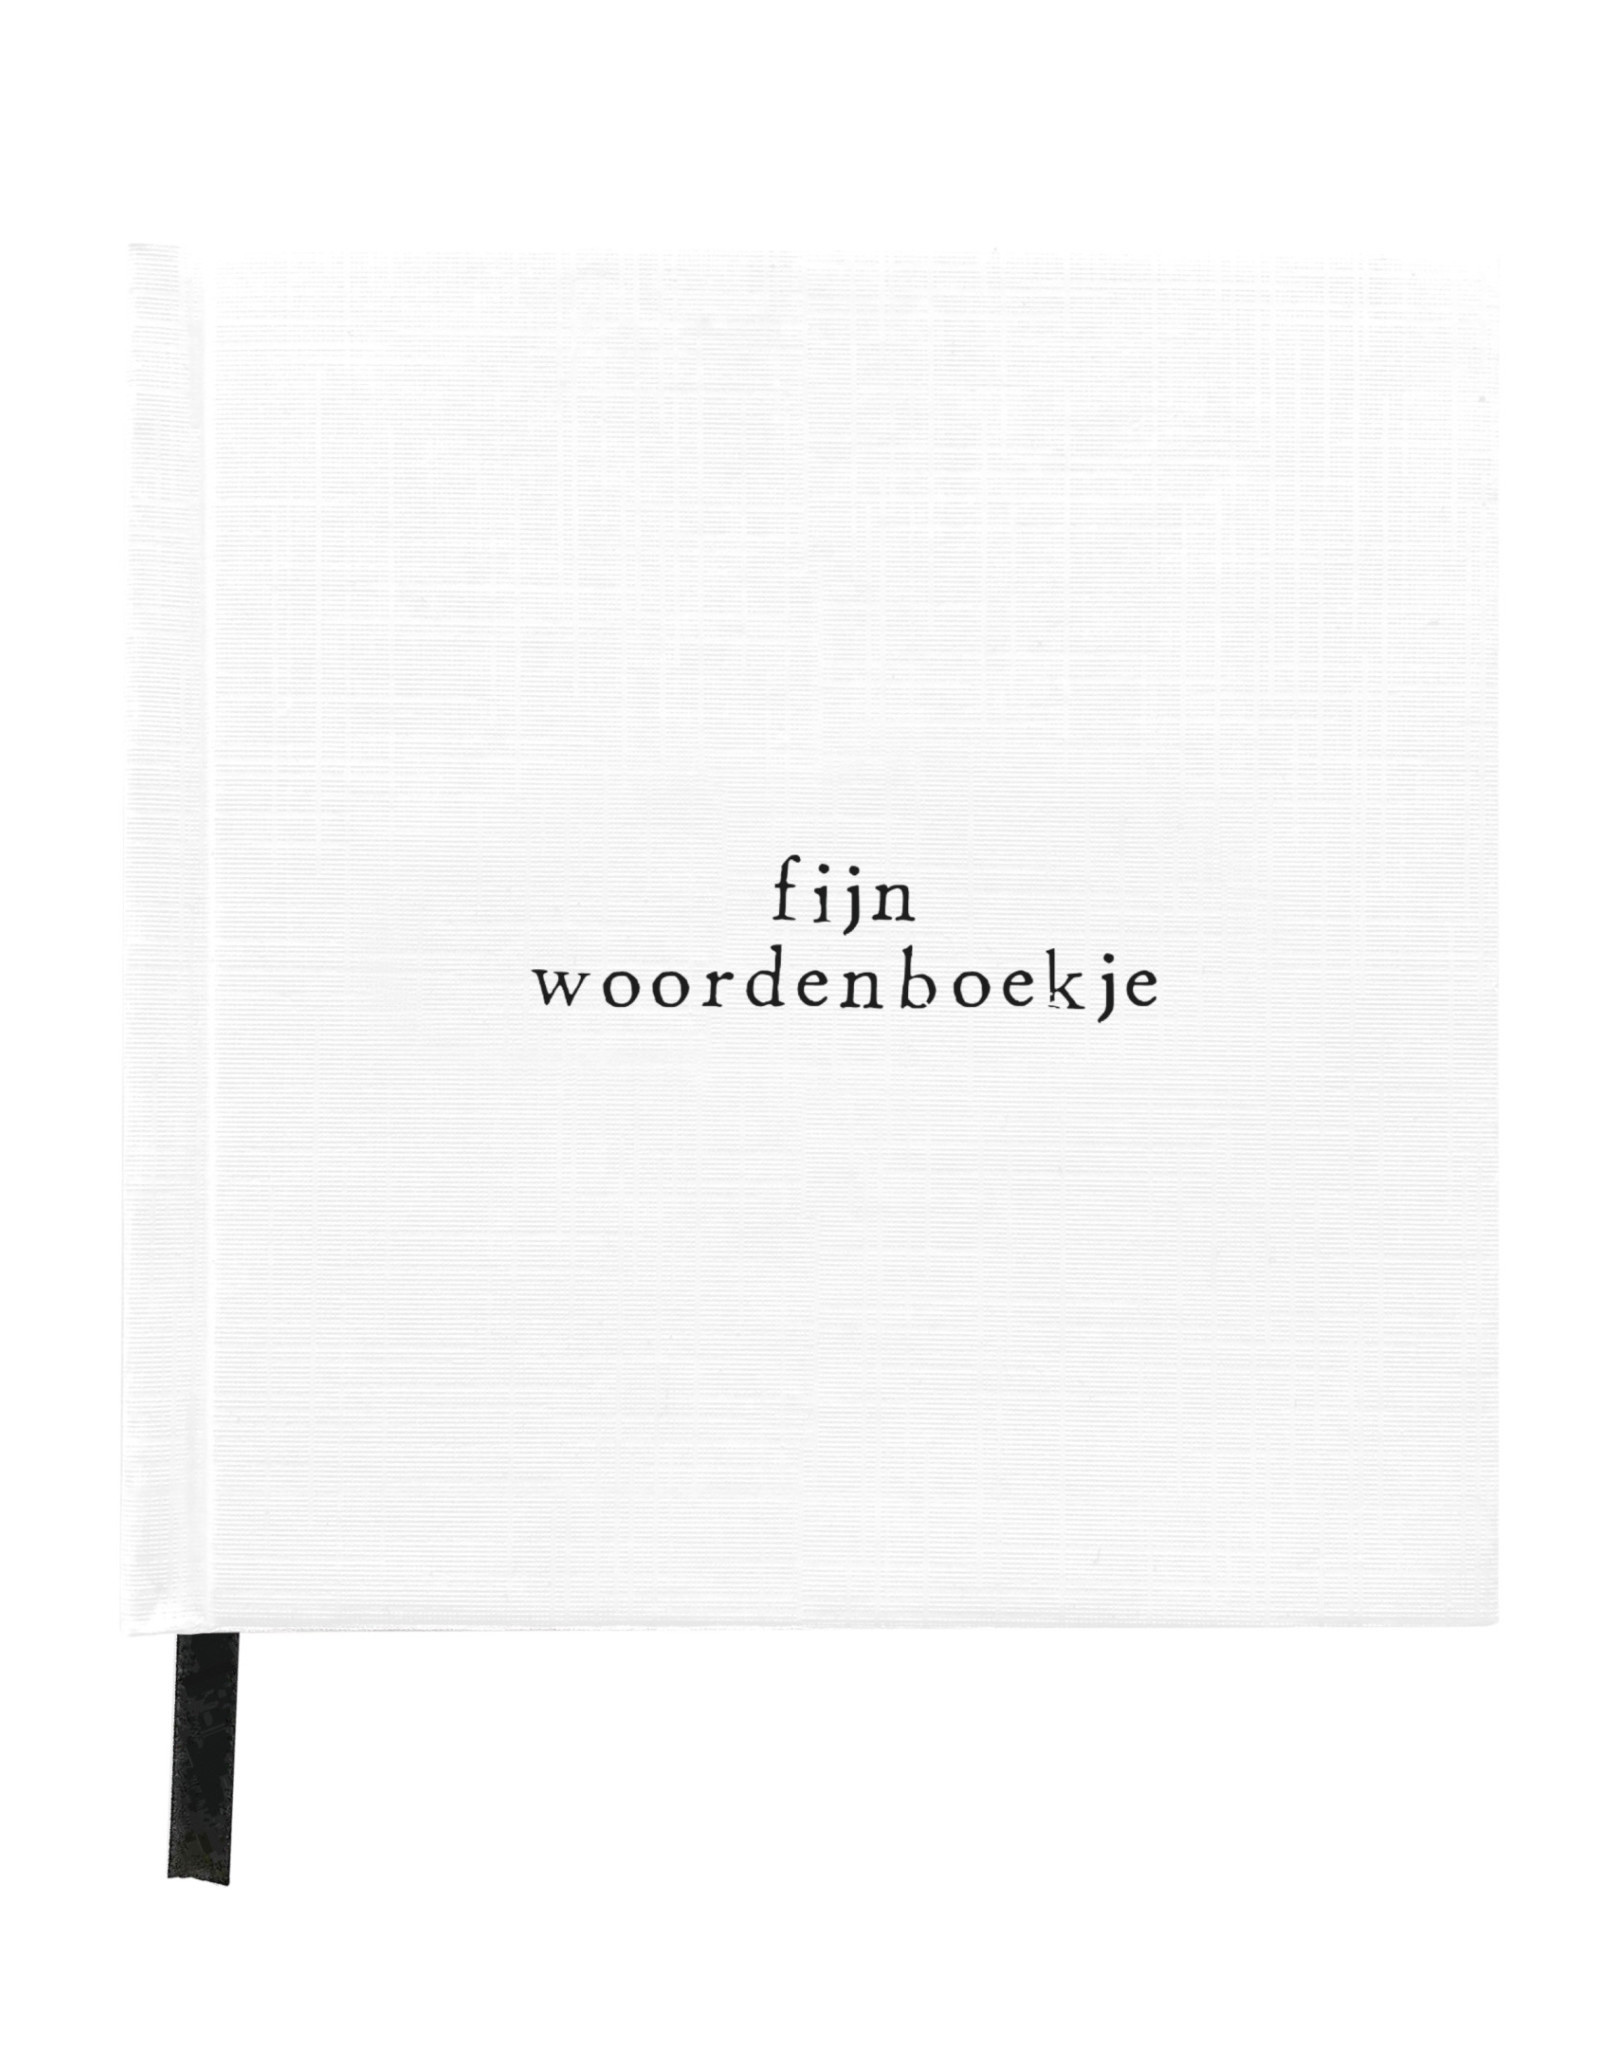 IkPakJeIn Notitieboek Fijn woordenboekje 12x12cm - IkPakJeIn